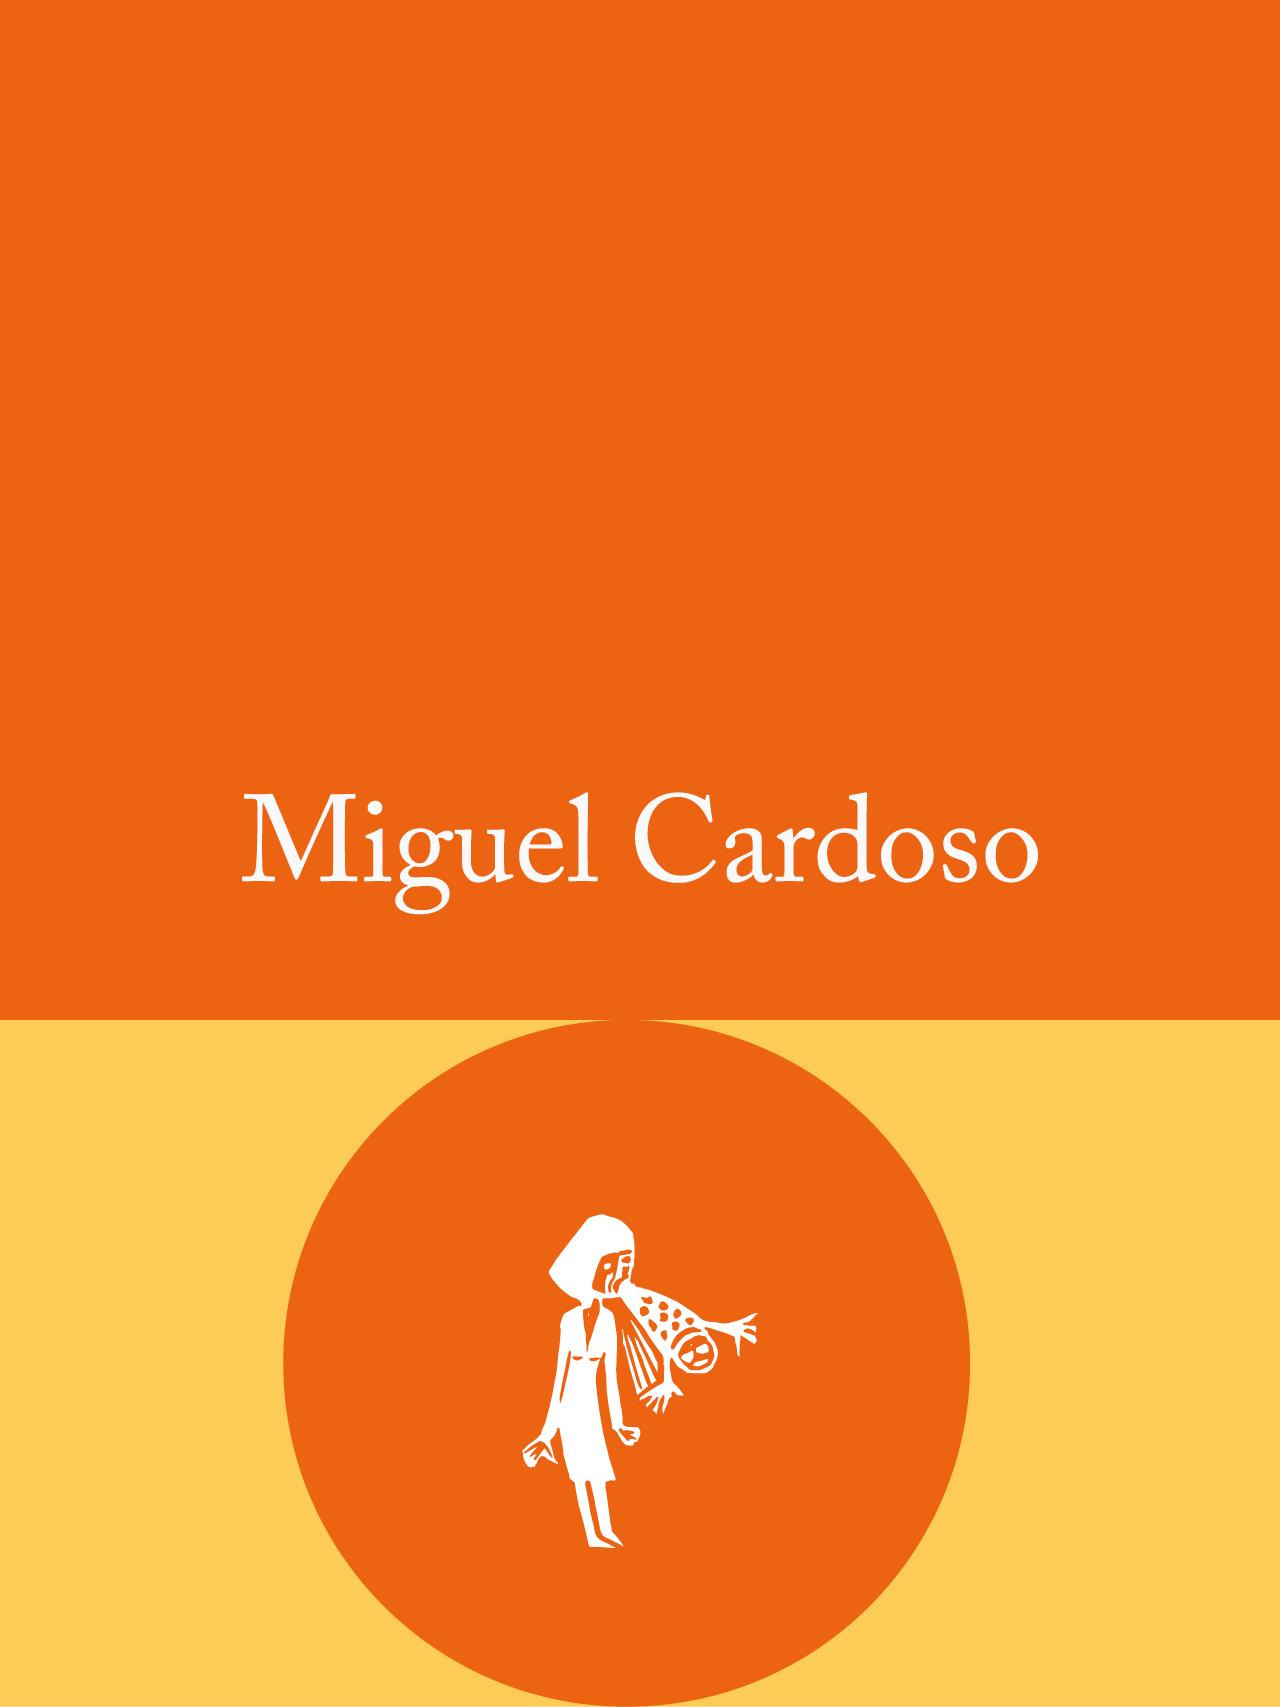 MiguelCardoso.jpg